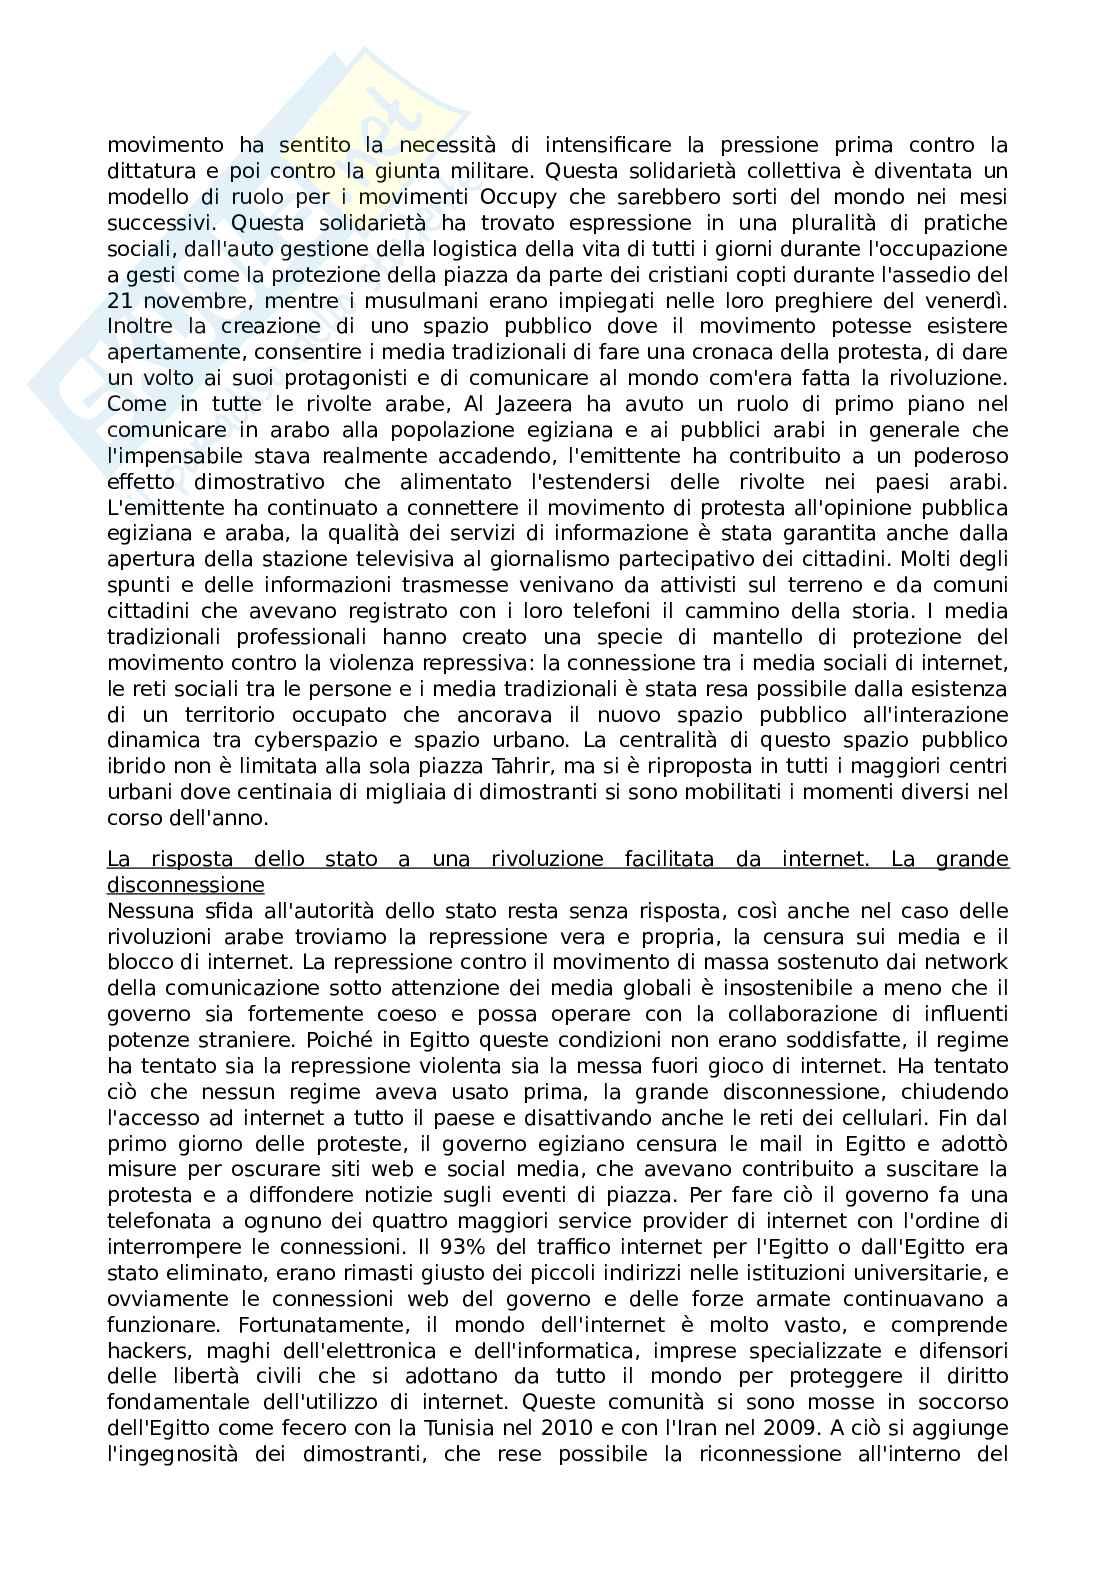 Riassunto esame comunicazione advocacy e consumo responsabile, prof. Binotto, libro consigliato Reti di indignazione e speranza movimenti sociali nell era di internet, Castells Pag. 11